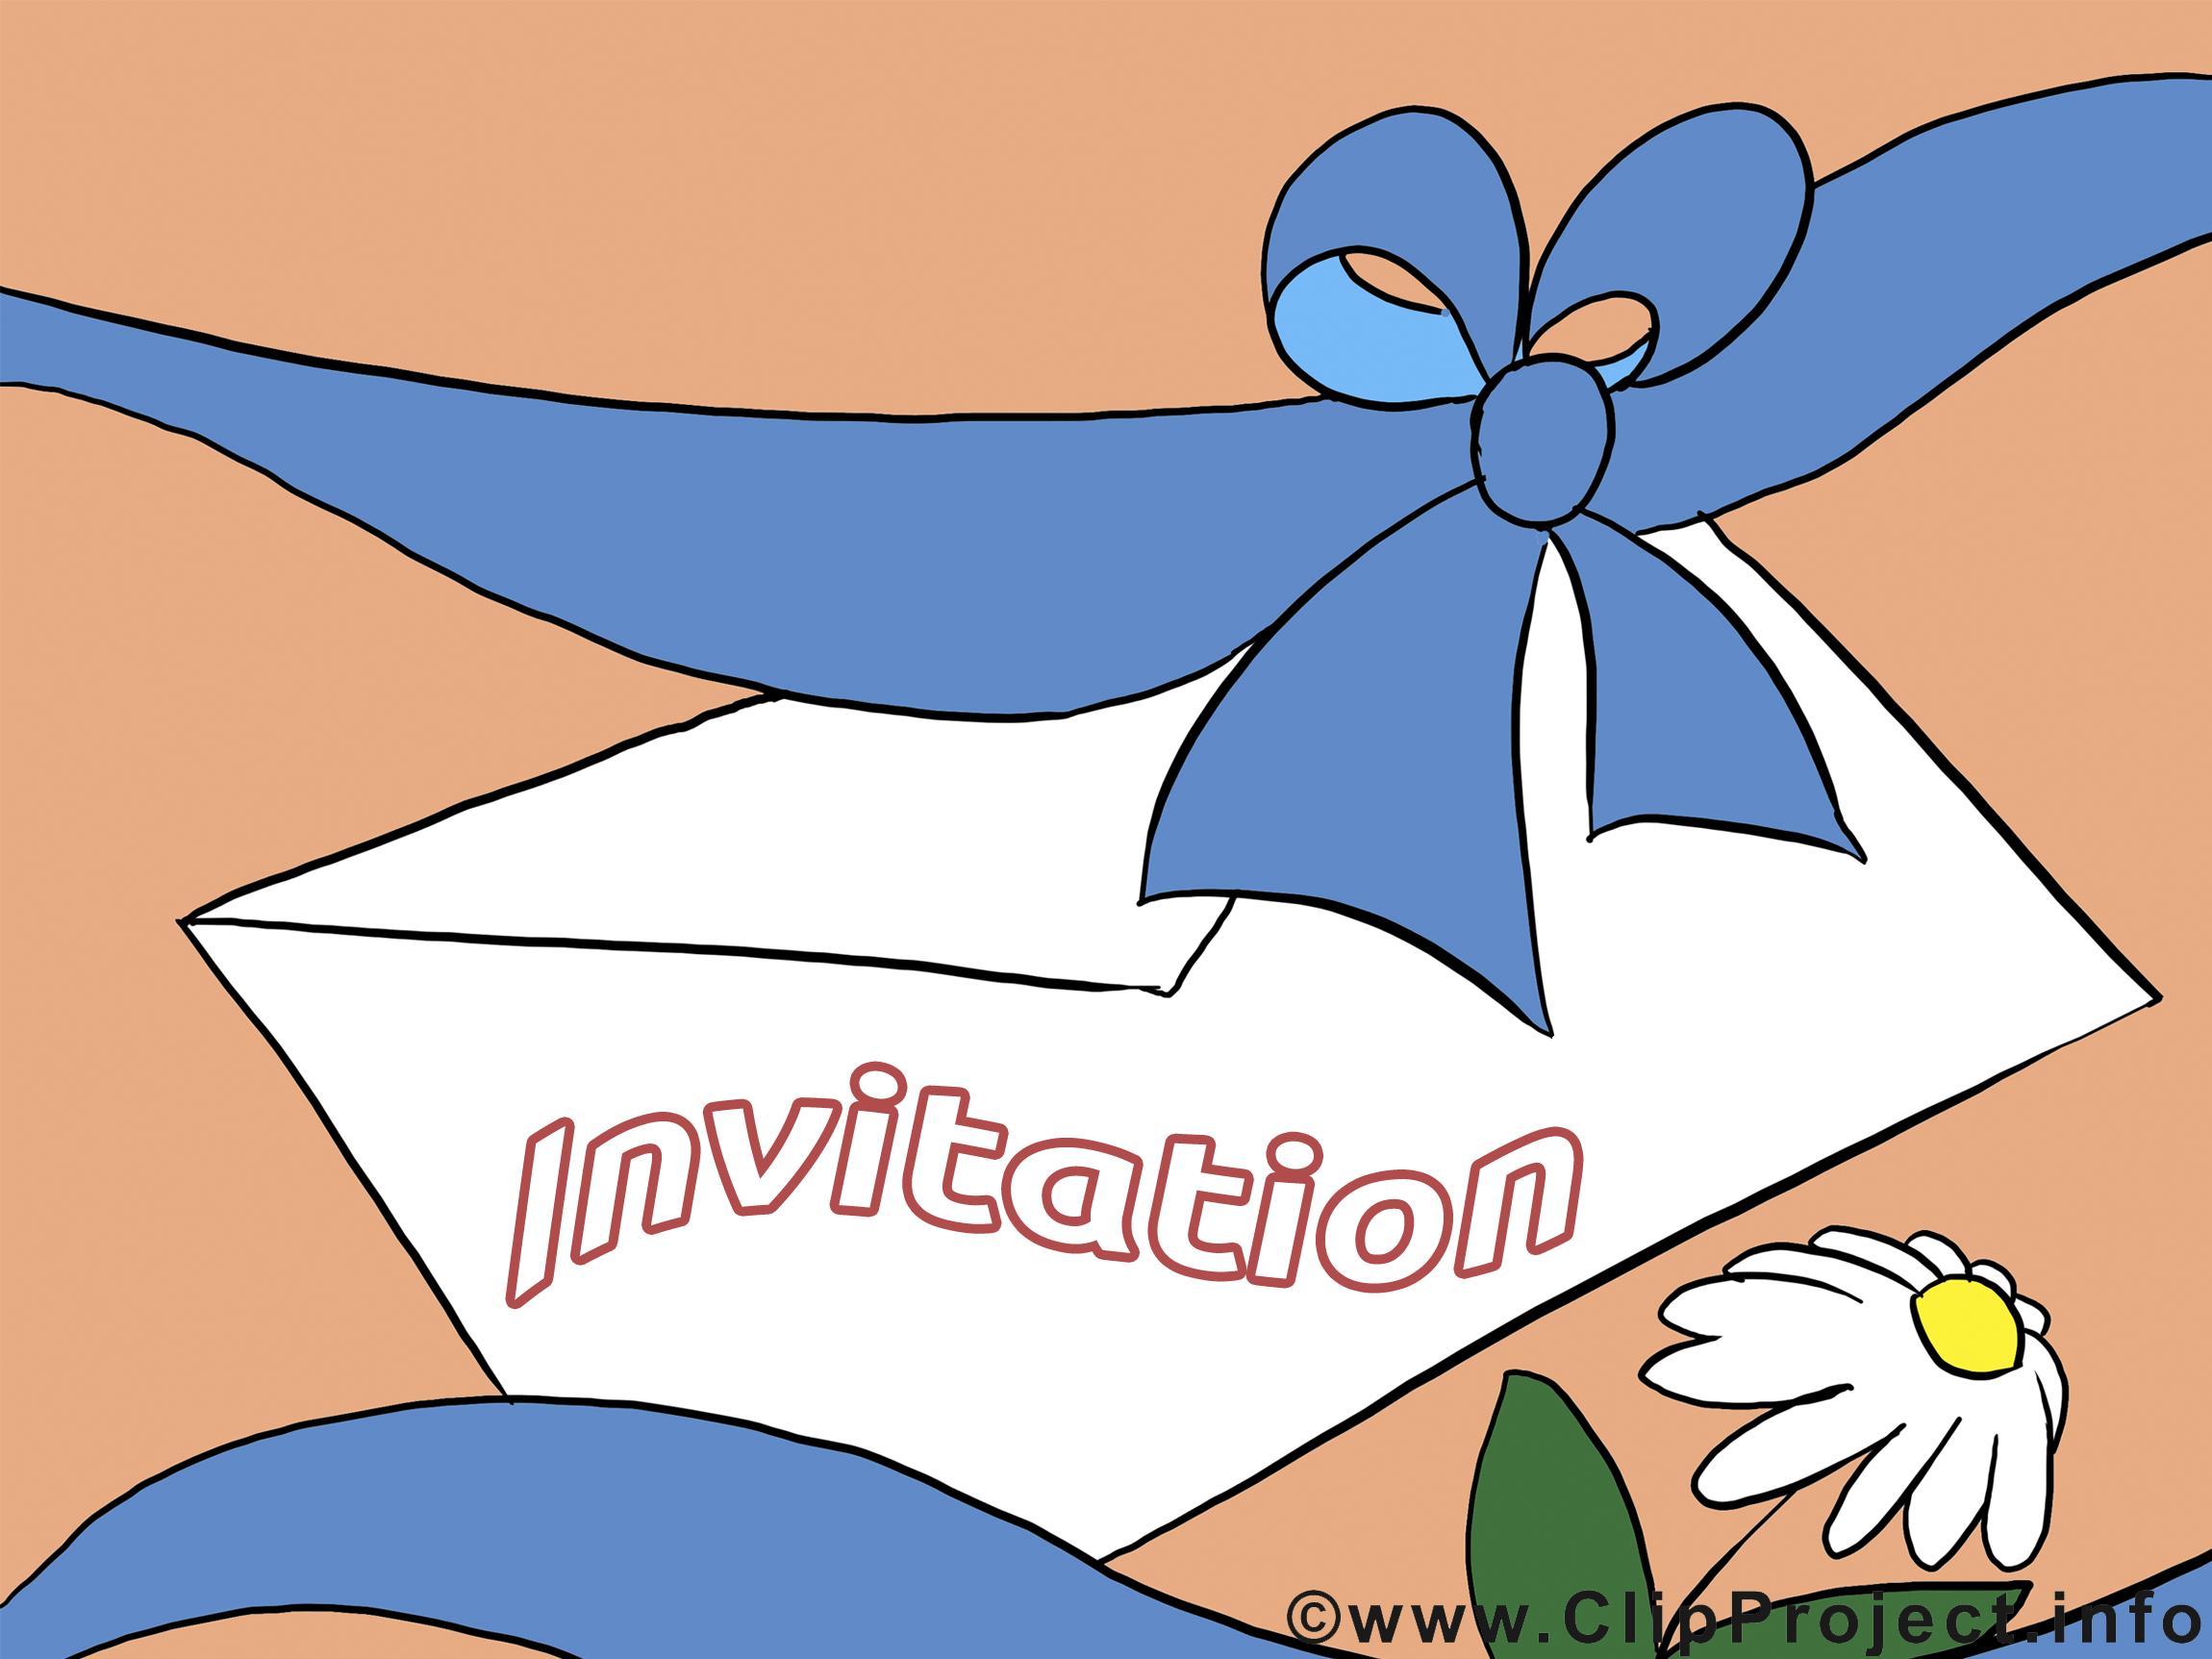 Lettre invitation illustration à télécharger gratuite